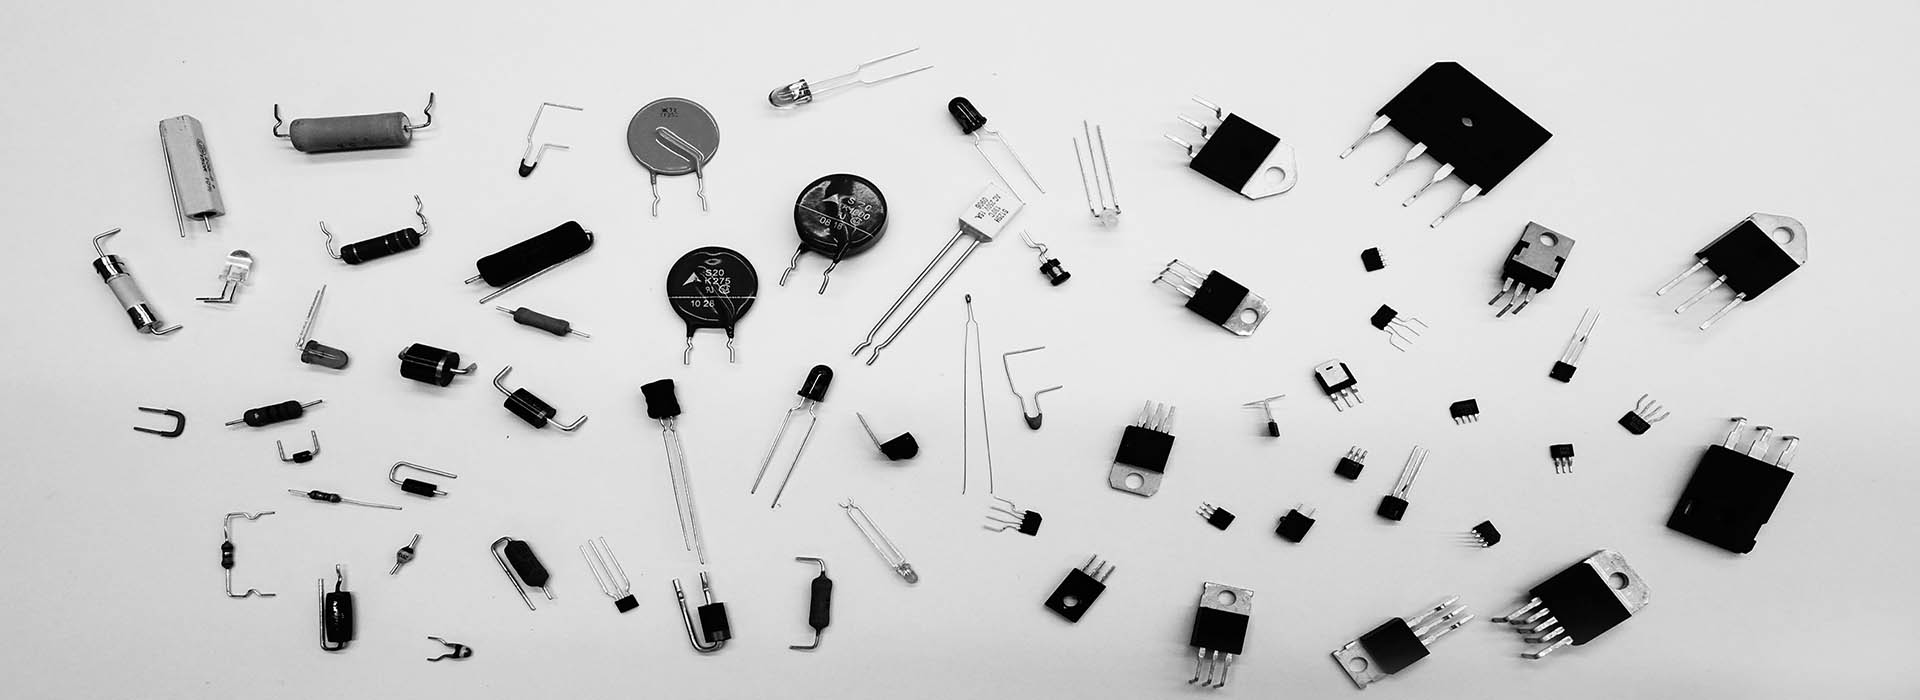 elektronische Bauteile lose, Lohngurtung, SMD, RADIAL, Axial, Gurtung, Bauteilkonfektionierung - MBLE-lohngurtservice